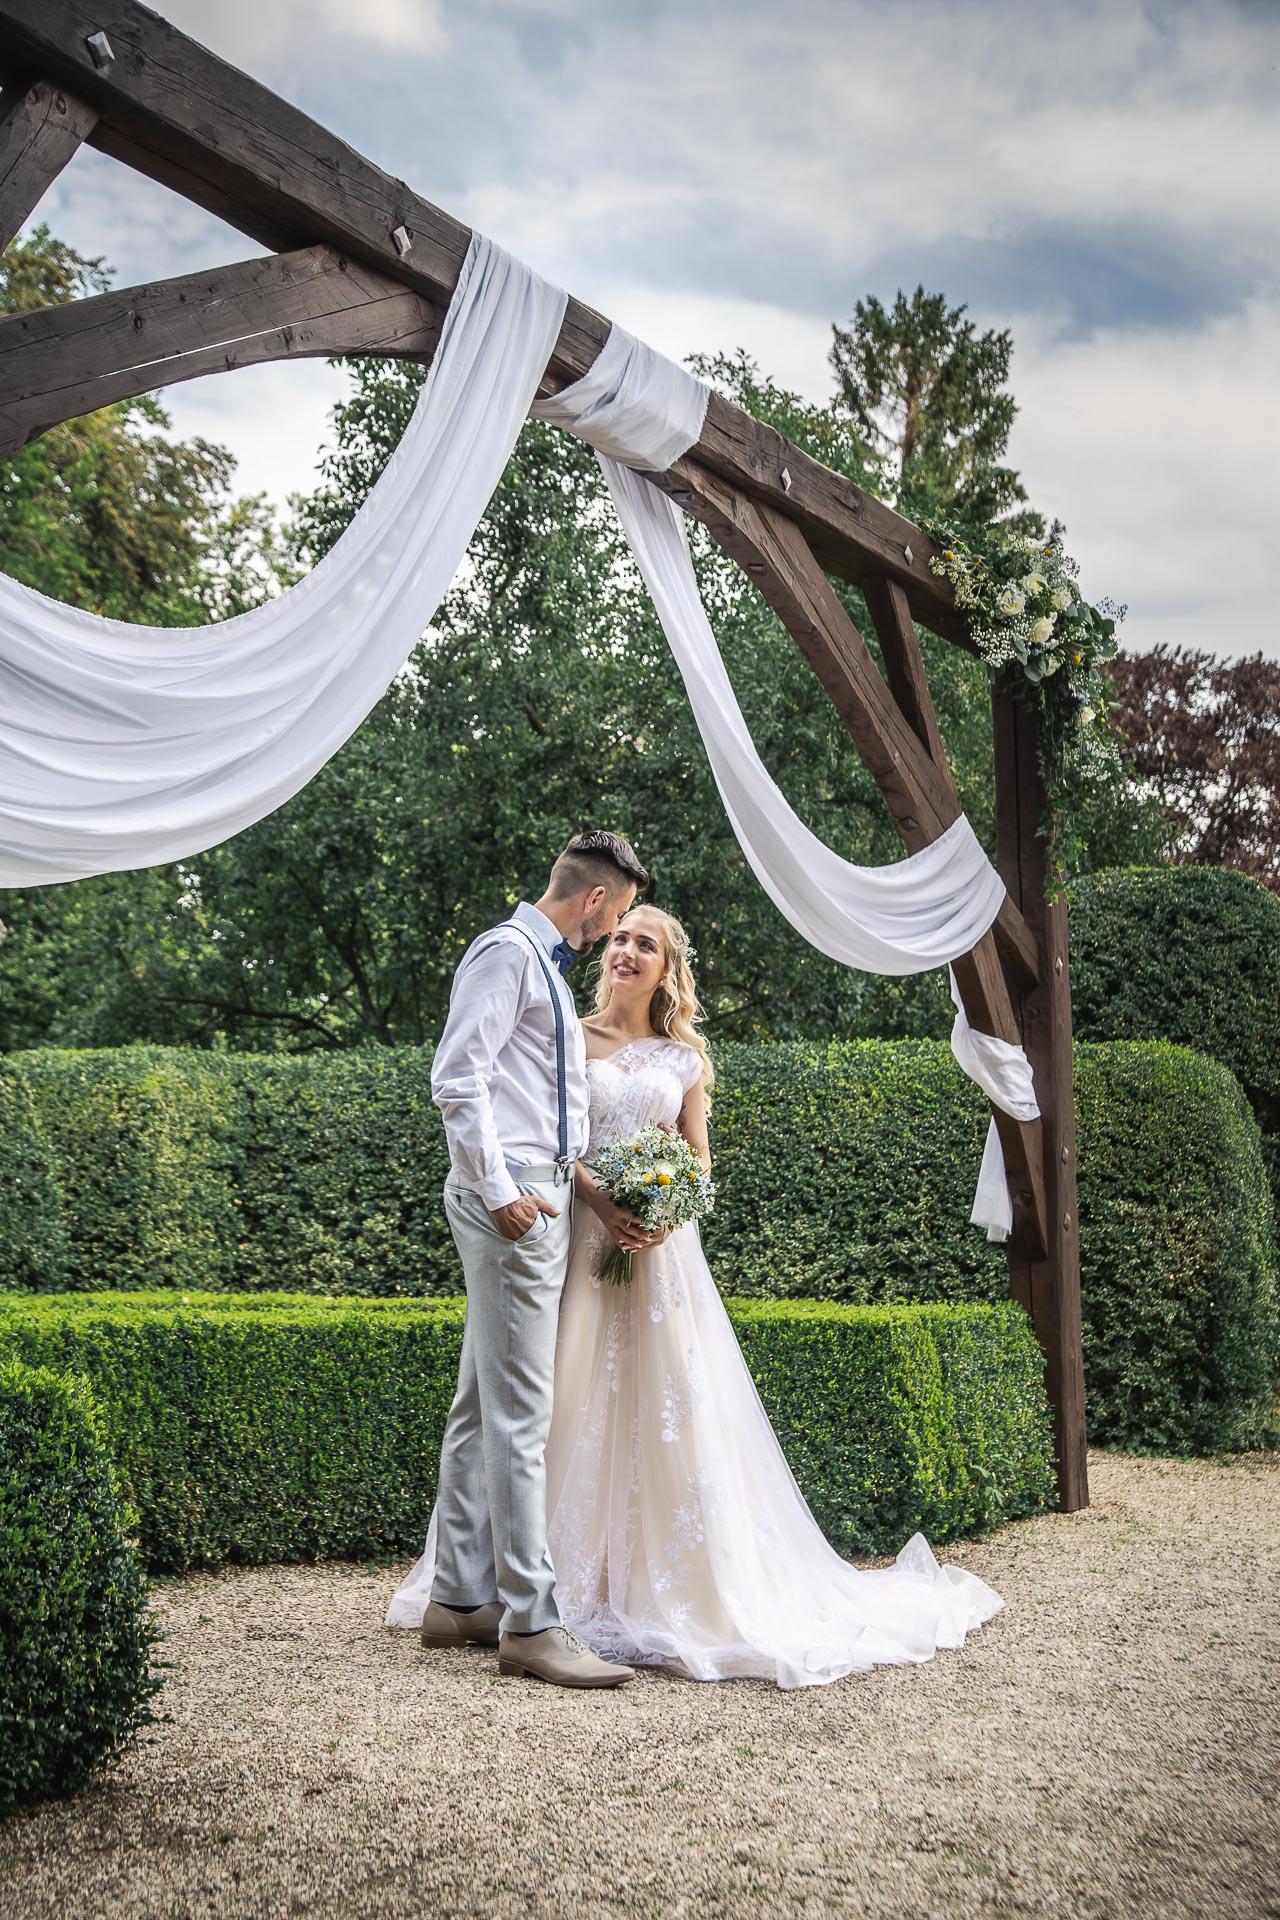 svatební-fotograf-zámek-Loučeň-svatební-video-zámek-Loučeň-4142